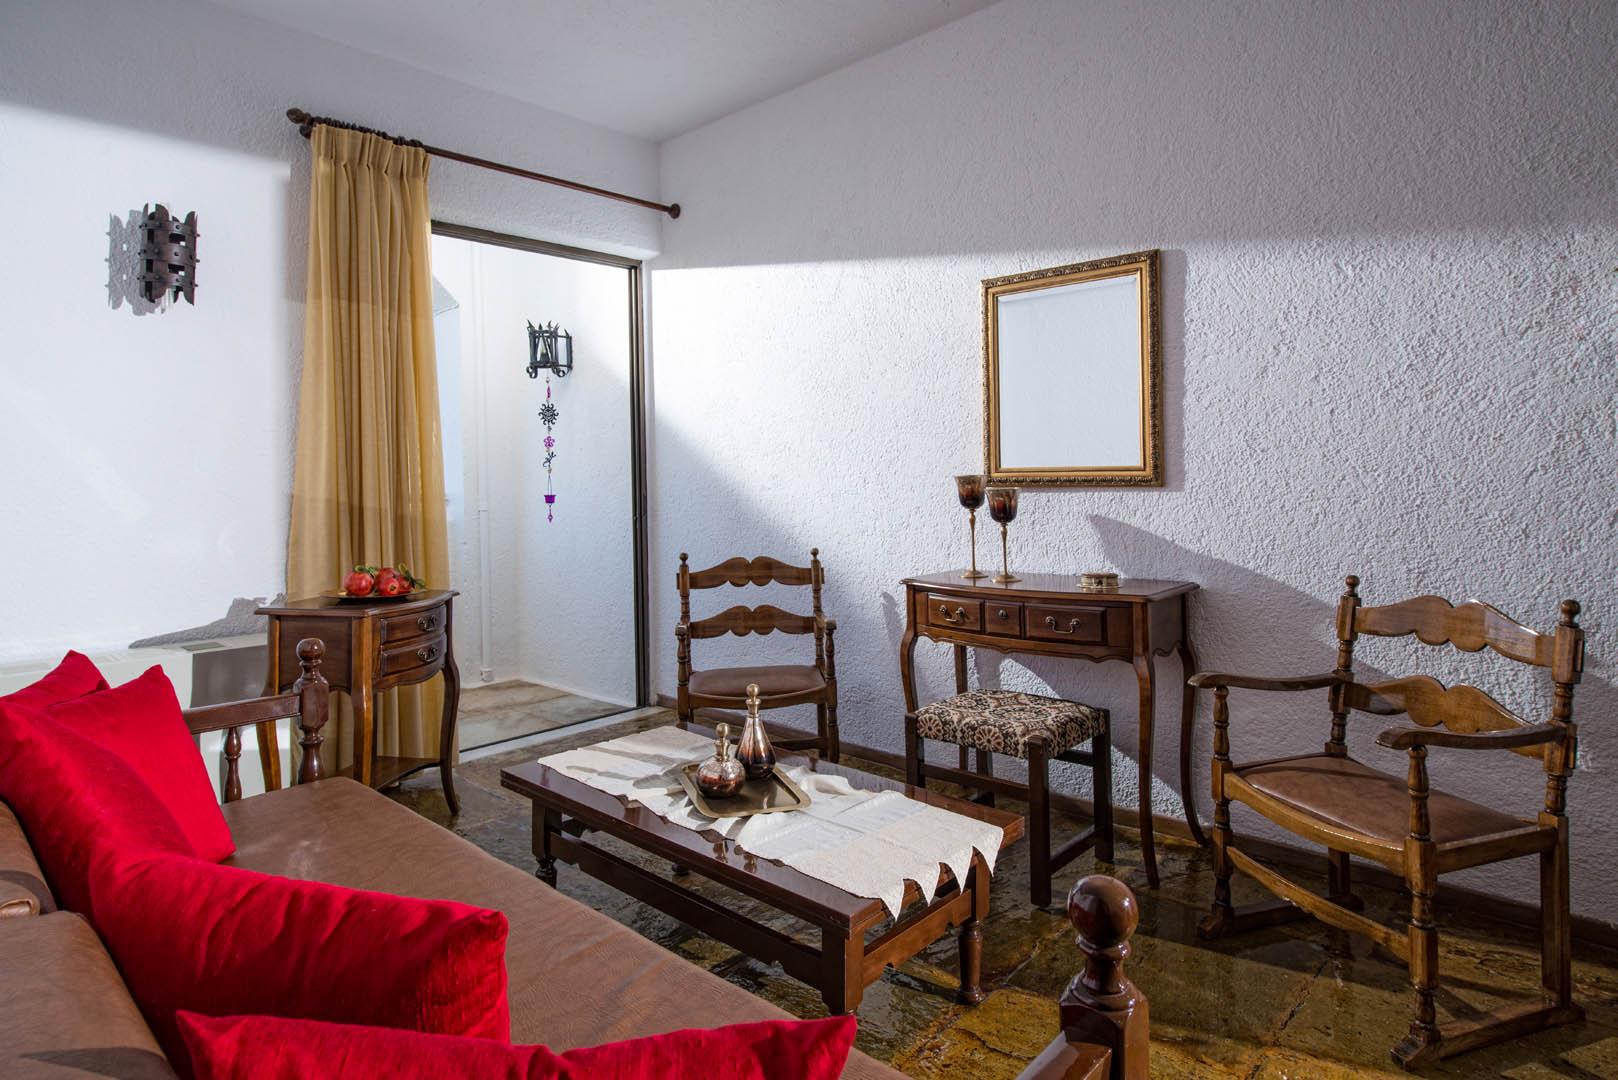 malia-holidays-rooms-7